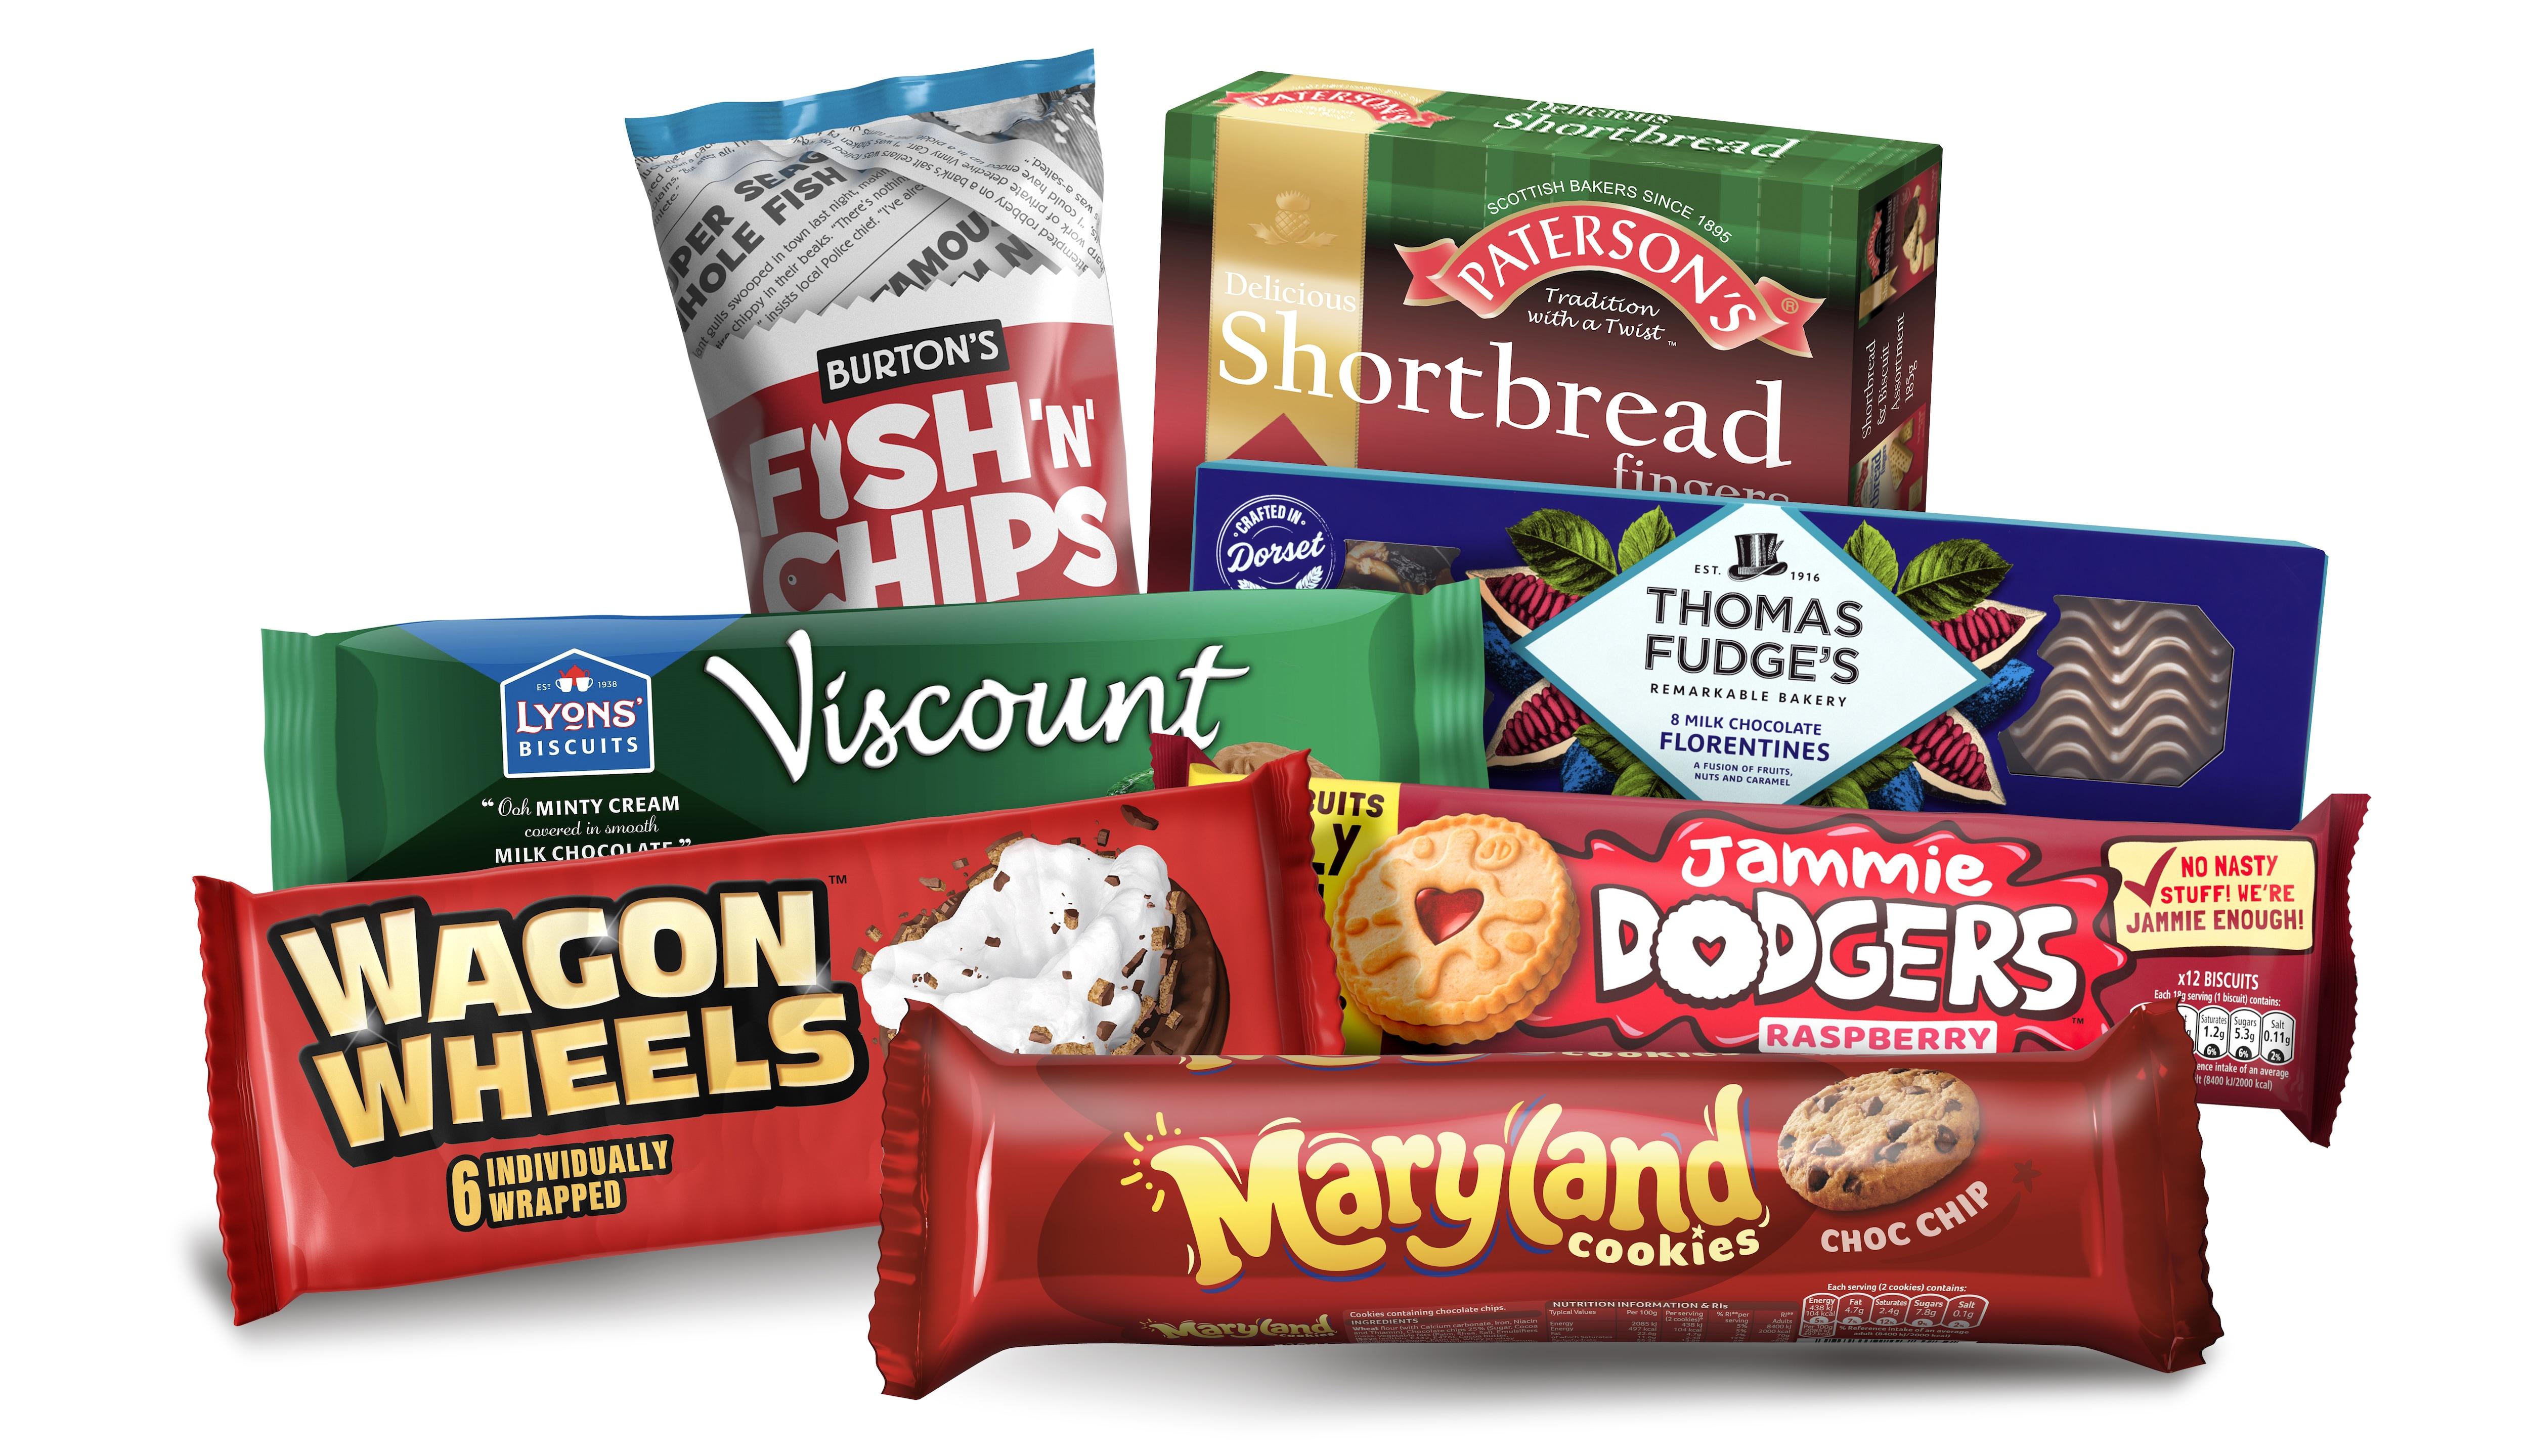 Met Ferrero gelieerd bedrijf kondigt overeenkomst aan om Burton's Biscuit Company